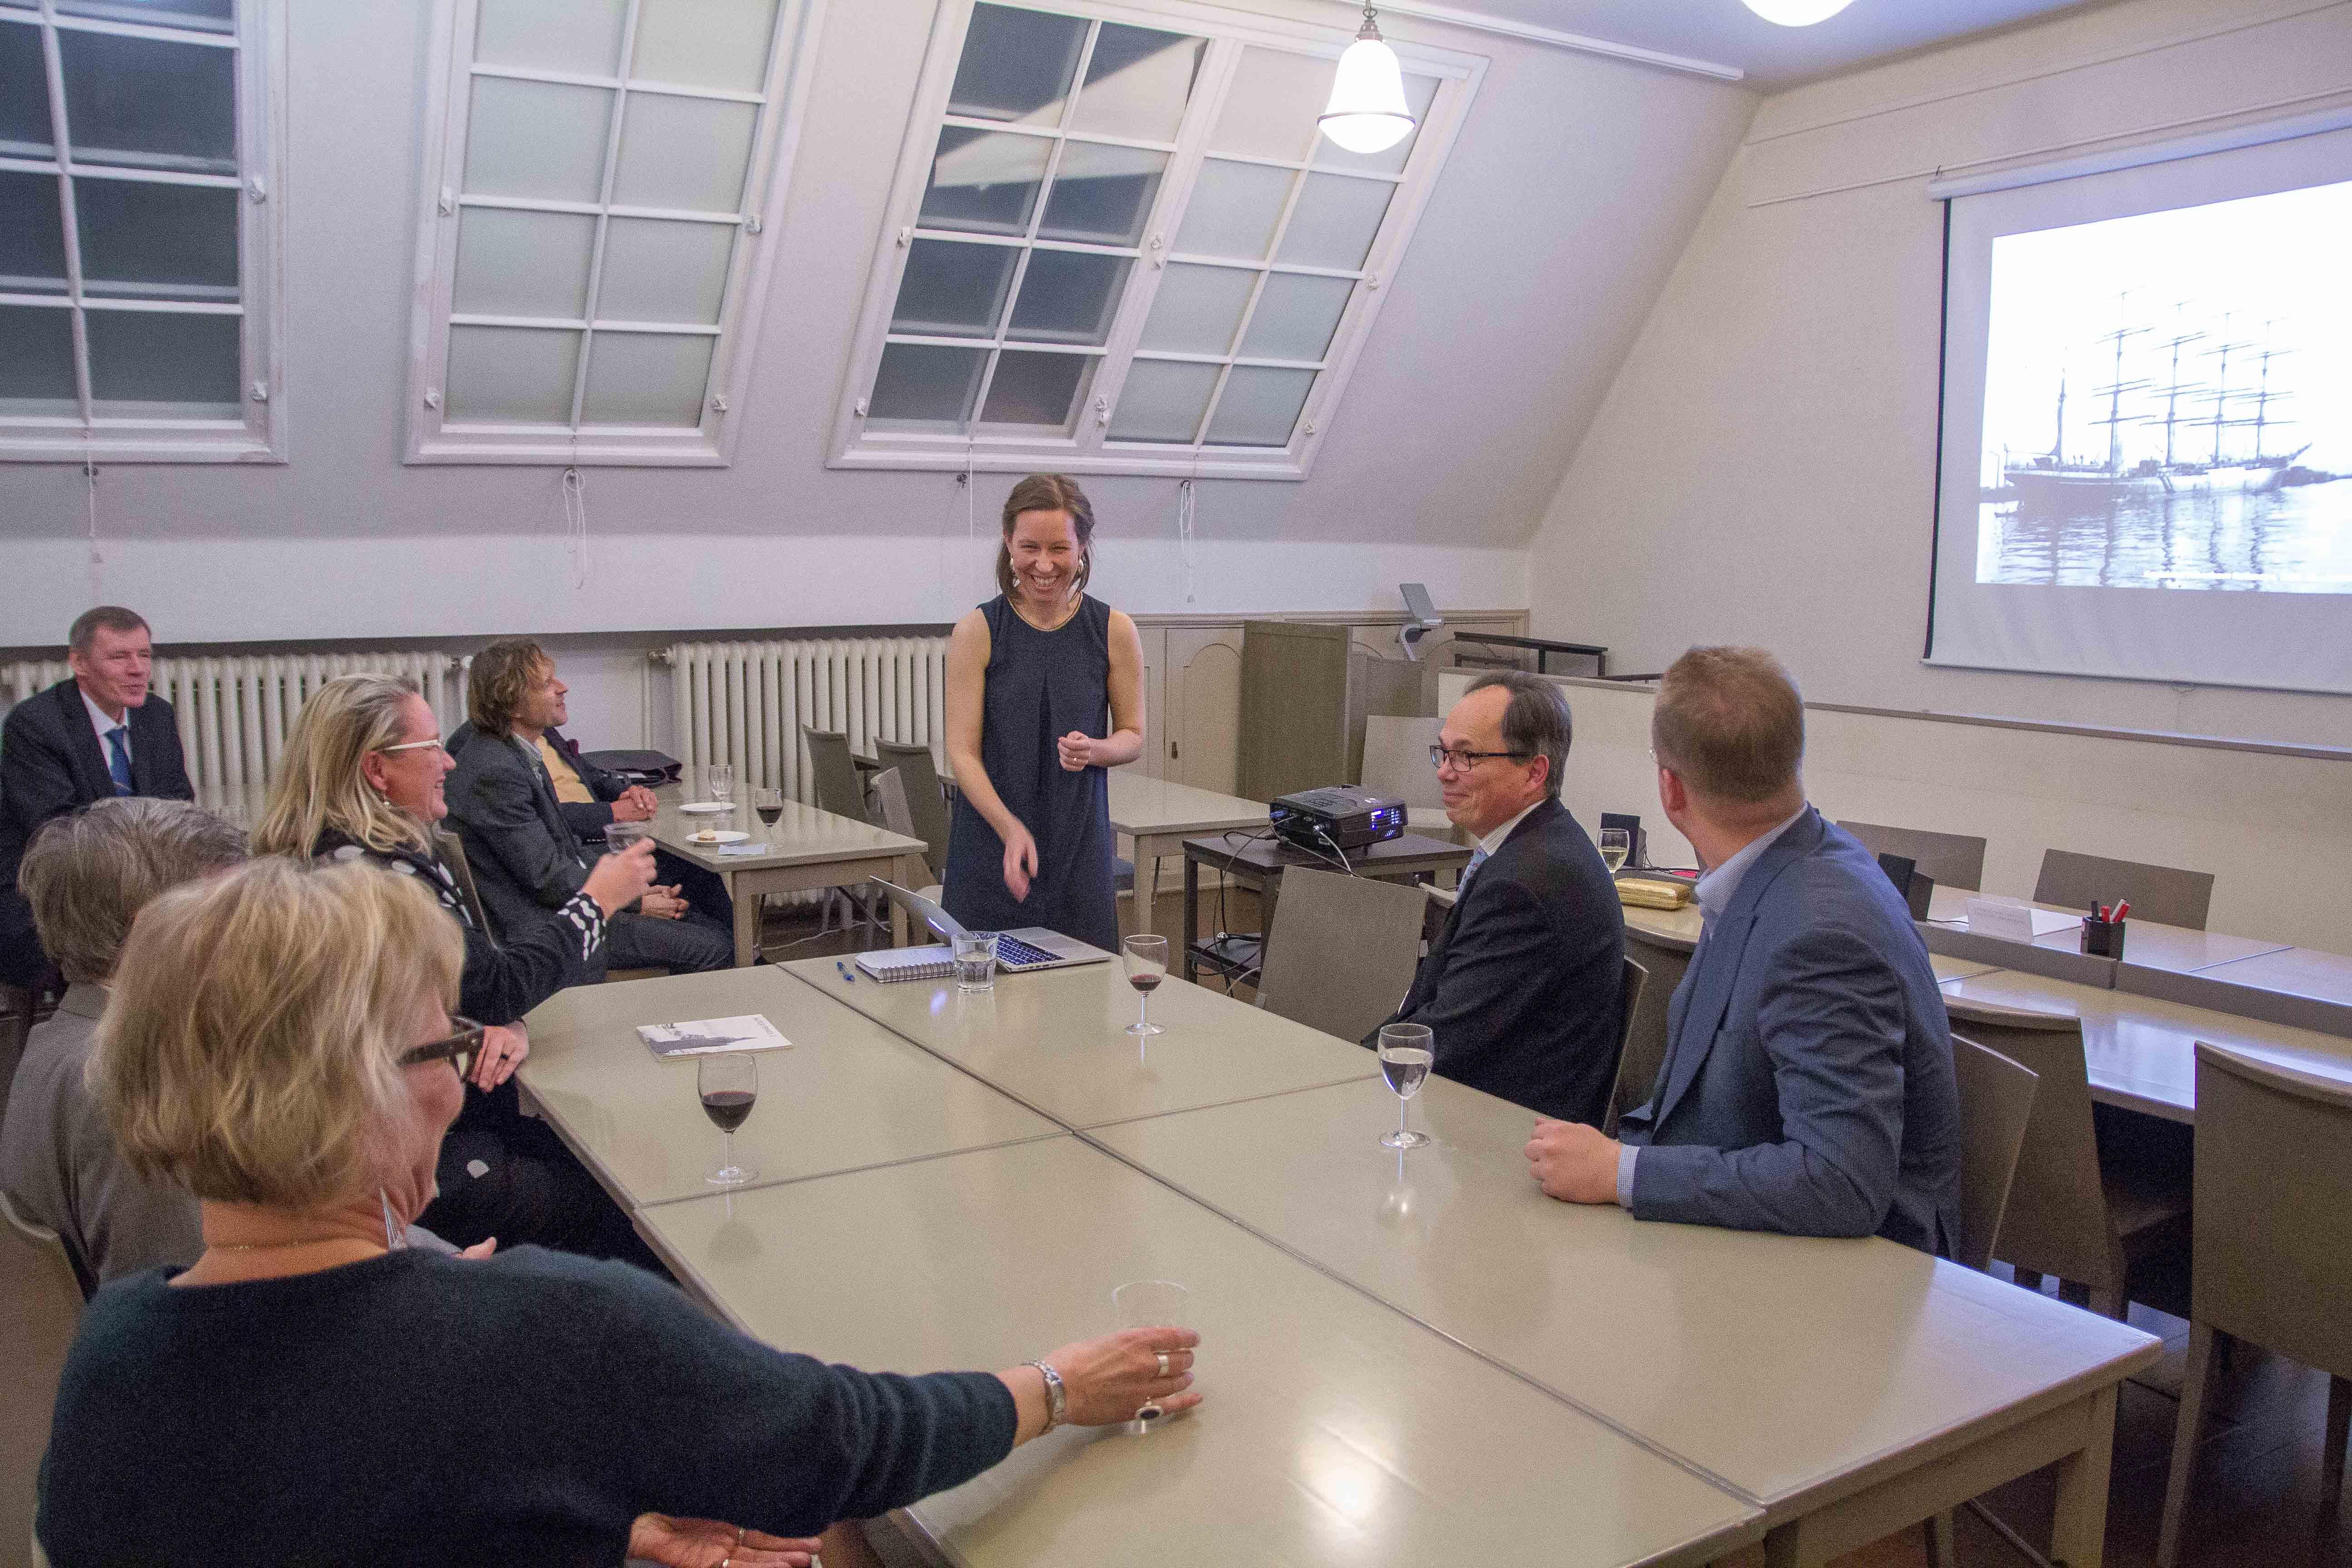 Ihmiset pöydän ääressä osallistuvat paneelikeskusteluun merihistorian nykyisyydestä ja tulevaisuudesta.